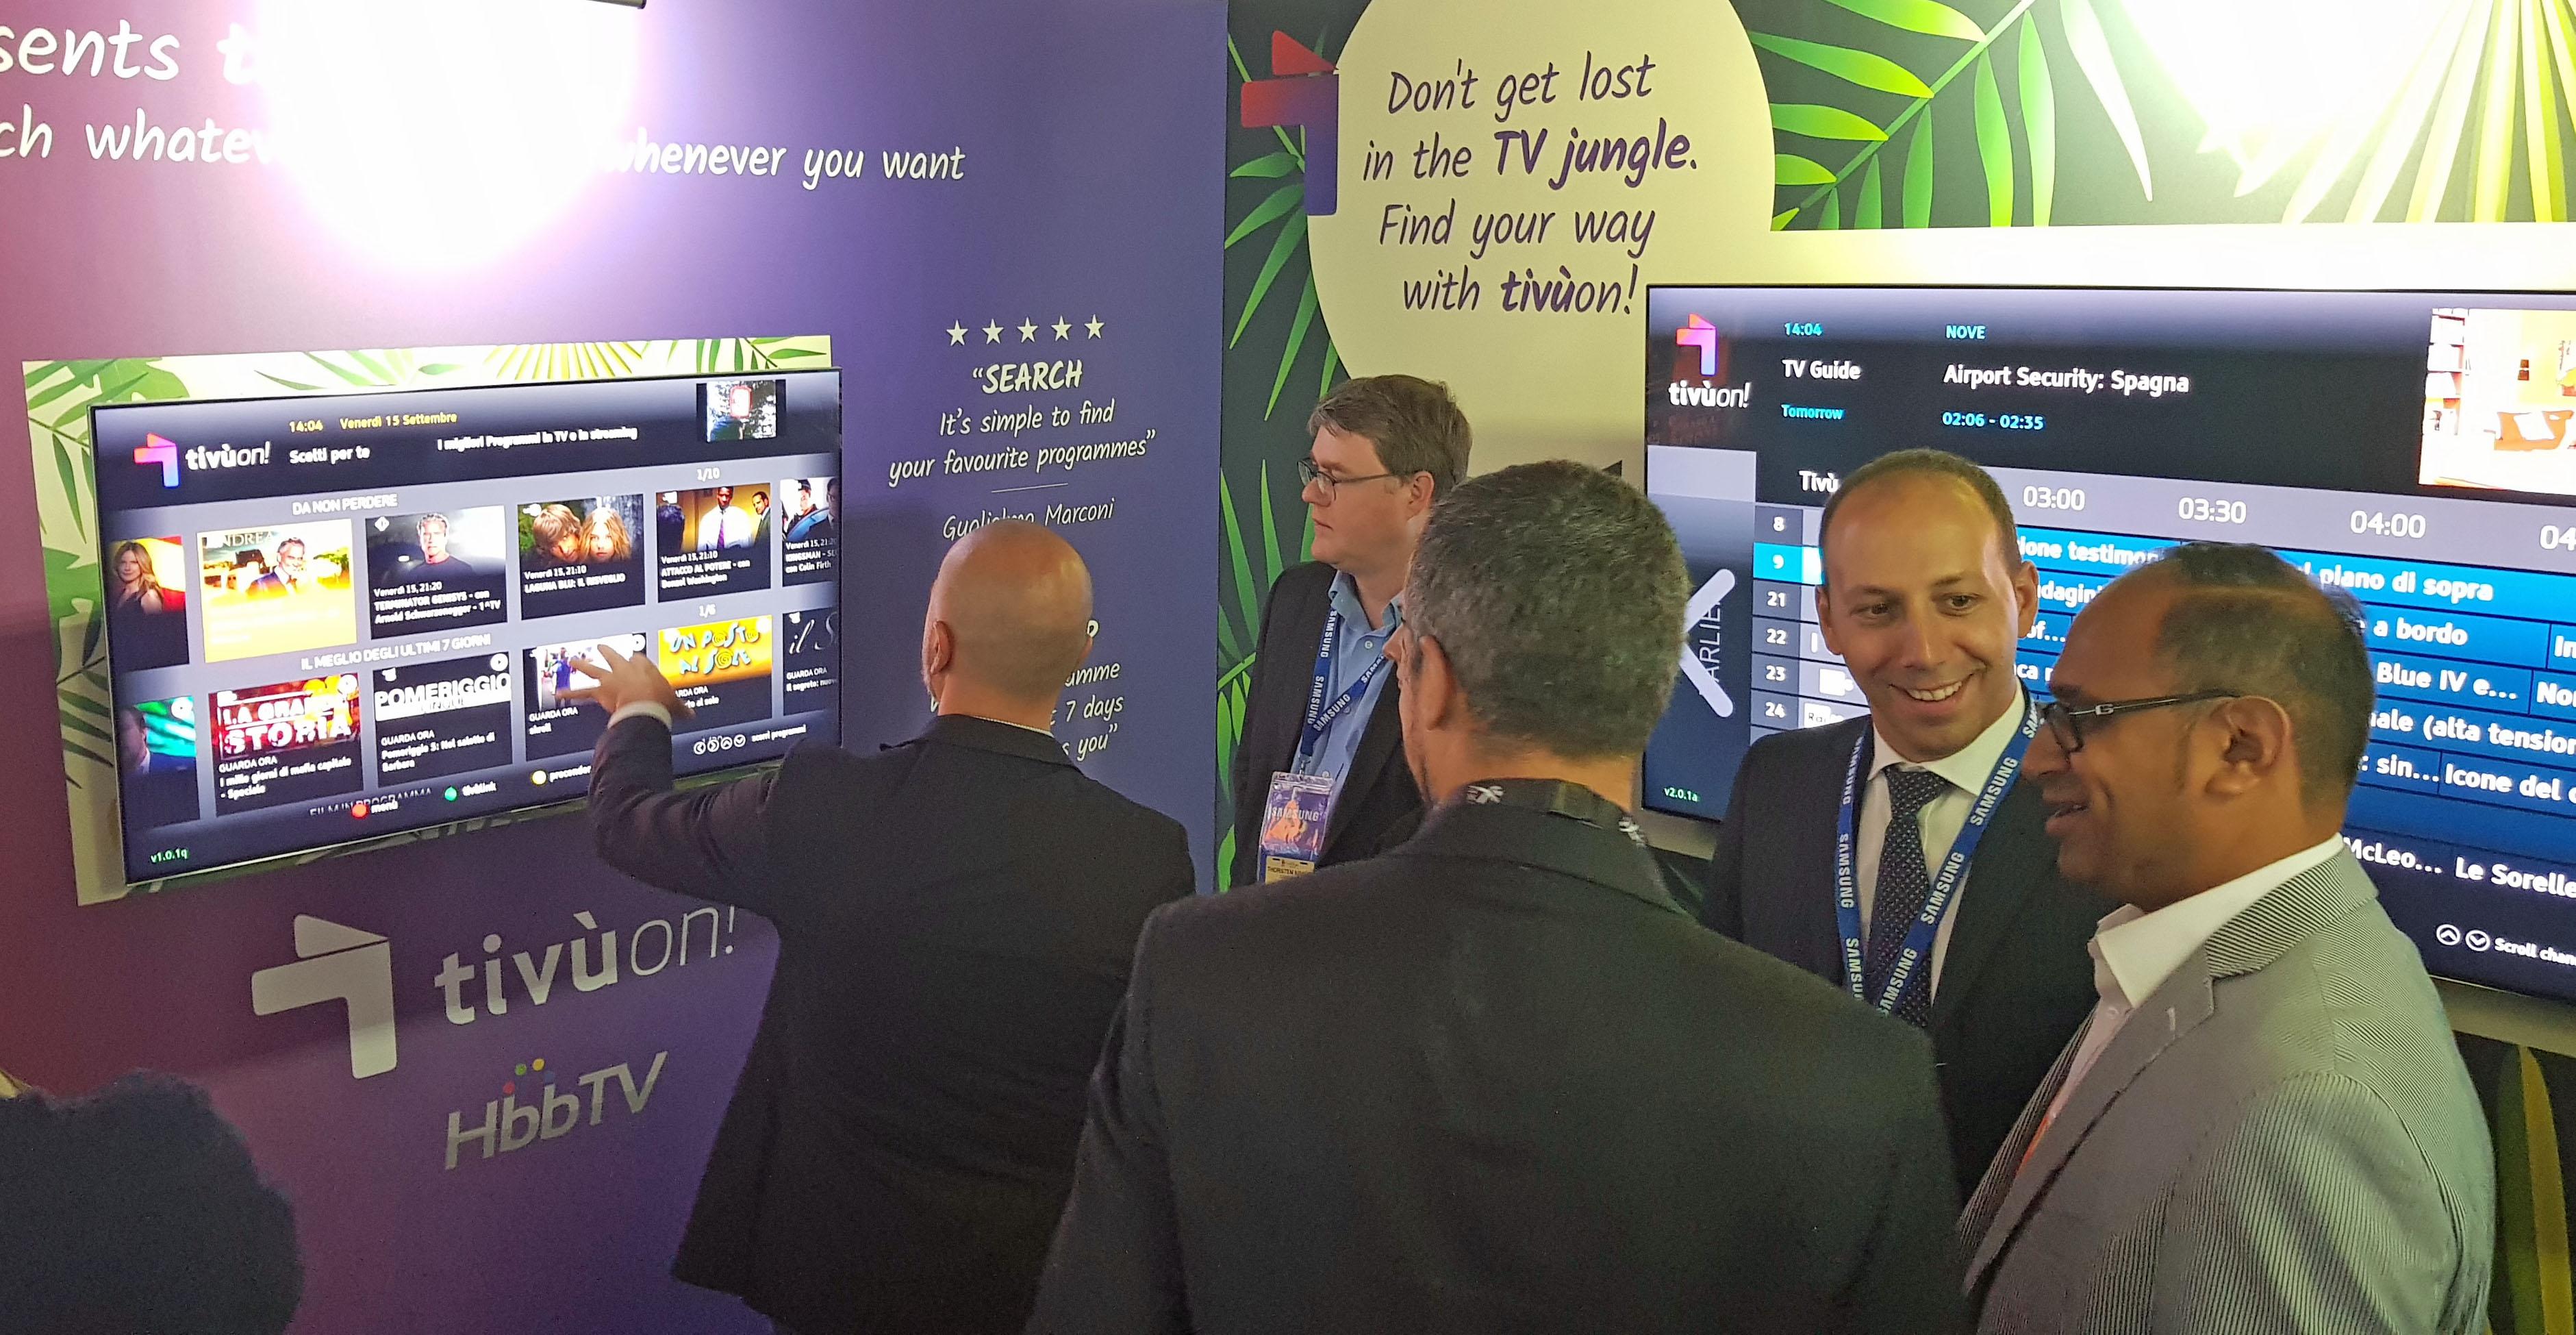 현지 방송업계 관계자들이 14일(현지시간) 부터 19일까지 네덜란드 암스테르담에서 진행되는 IBC 2017(International Broadcasting Convention) 삼성전자 부스에서 삼성 스마트 TV로 서비스 되는 티뷰앱을 살펴보고 있다